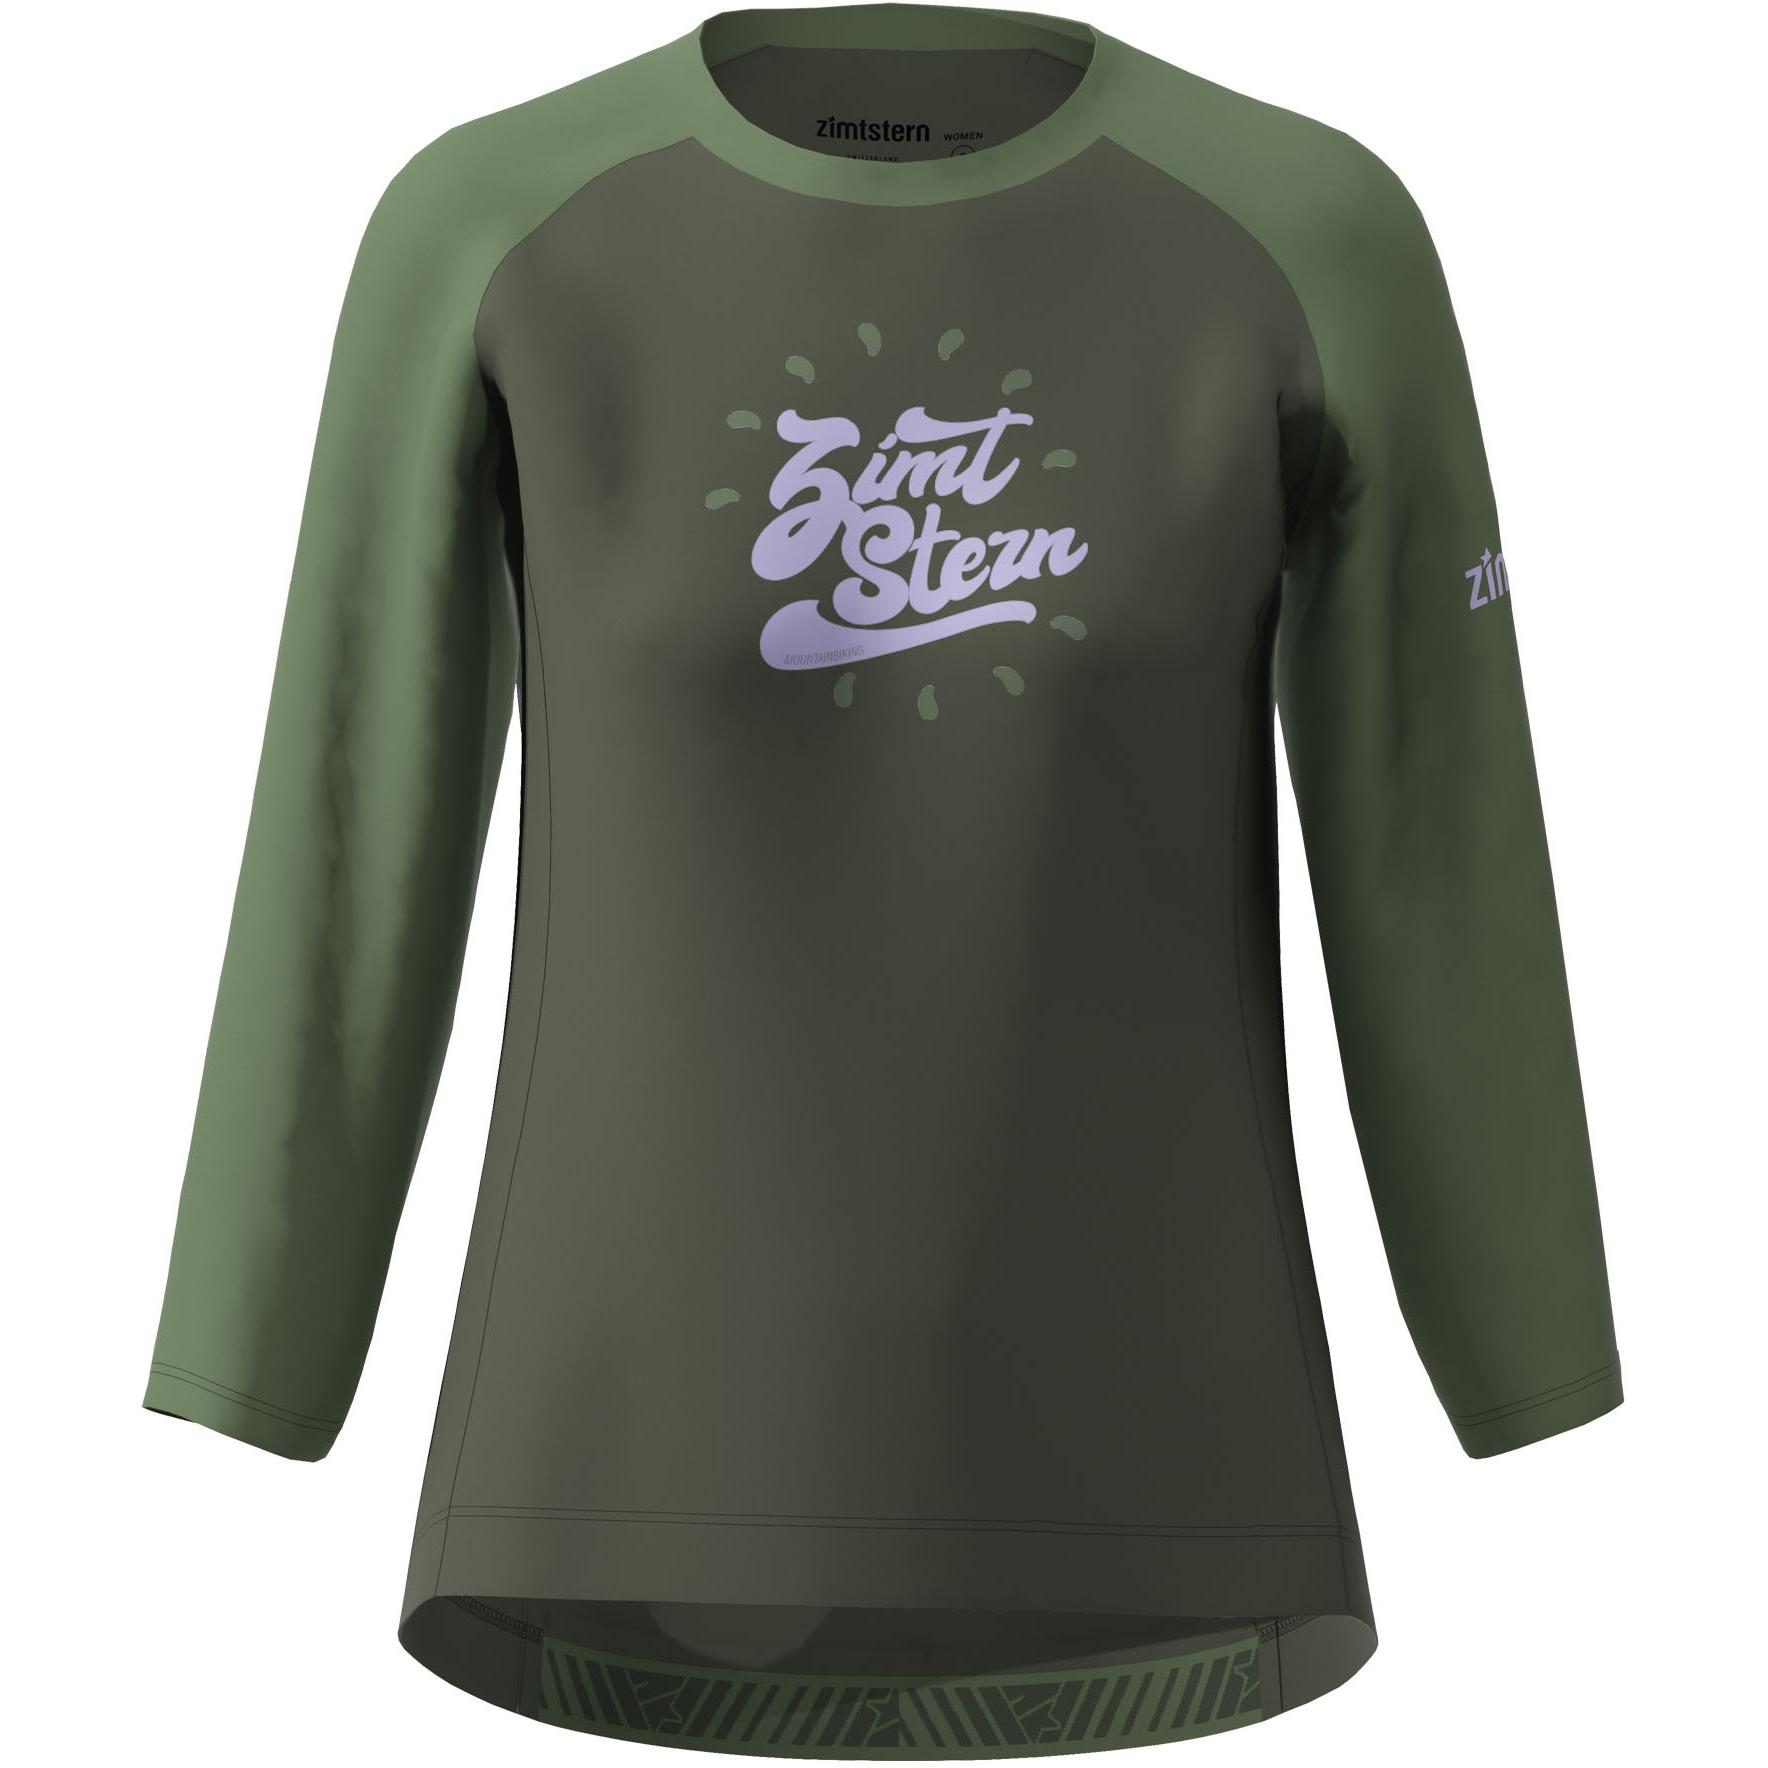 Zimtstern PureFlowz 3/4 Shirt Damen - forest night/bronze green